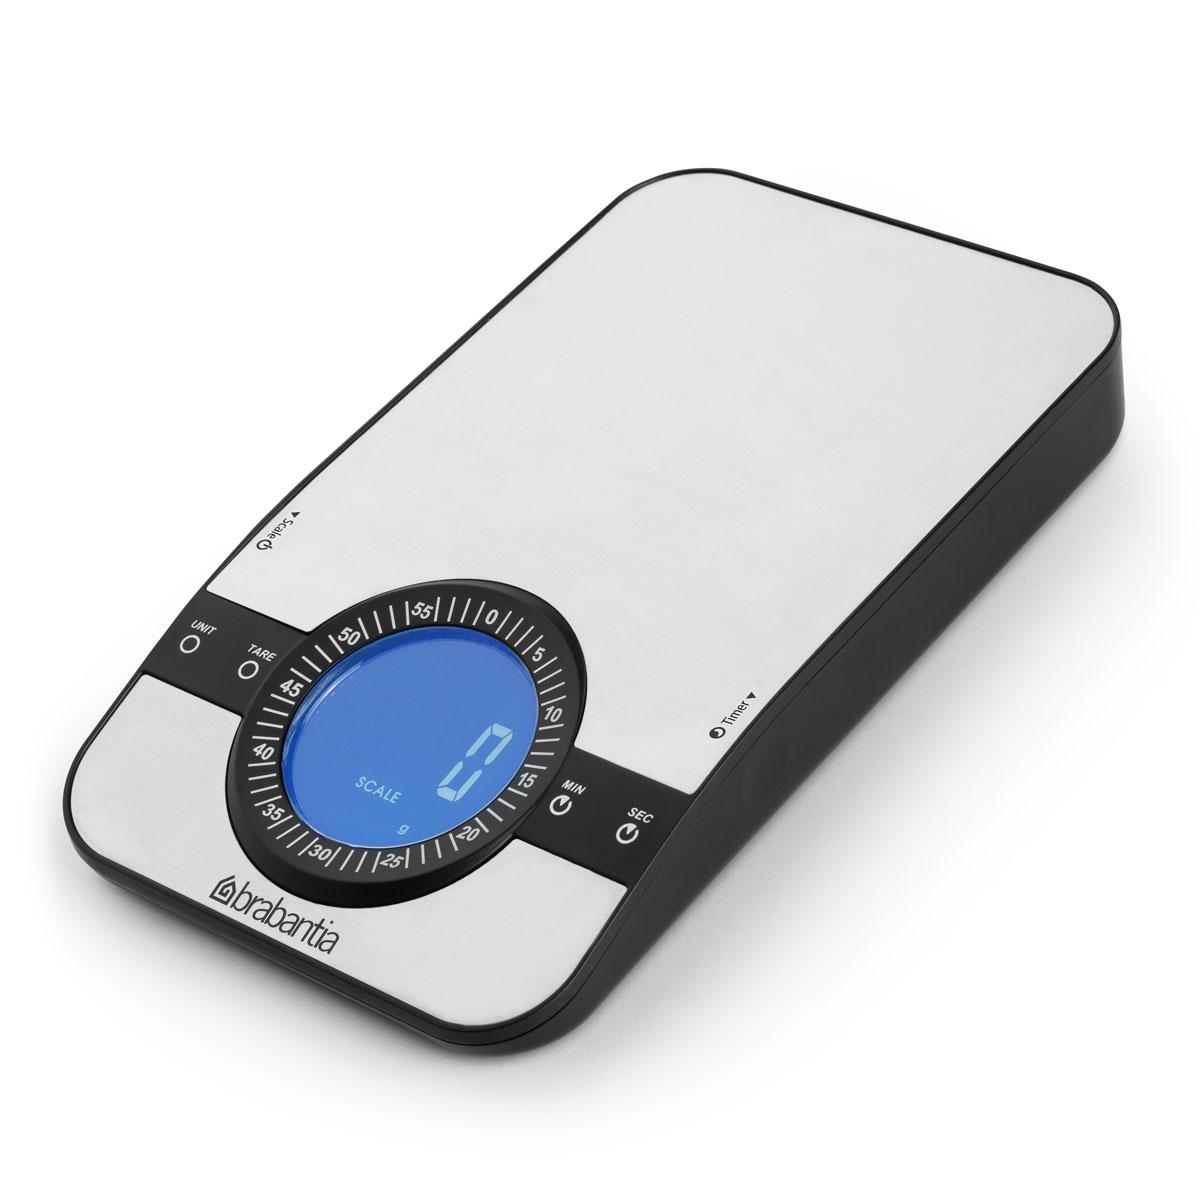 Весы кухонные электронные Brabantia, до 5 кг. 480607BC5000Цифровые кухонные весы Brabantia станут отличным помощником на кухне. Они помогут правильно рассчитать порции при диете или отмерят ингредиенты согласно рецепту с точностью до одного грамма. Вся необходимая информация отображается на ярком жидкокристаллическом дисплее. Для экономии заряда батареек в устройстве реализована функция автоматического выключения при длительном простое. Корпус прибора изготовлен из высококачественной нержавеющей стали и пластика и легко очищается от различных загрязнений. Резиновые ножки прибора предотвращают его скольжение по столешнице, что делает использование прибора более комфортным. Весы работают от трех батареек типа AAA напряжением 1,5V (входят в комплект).